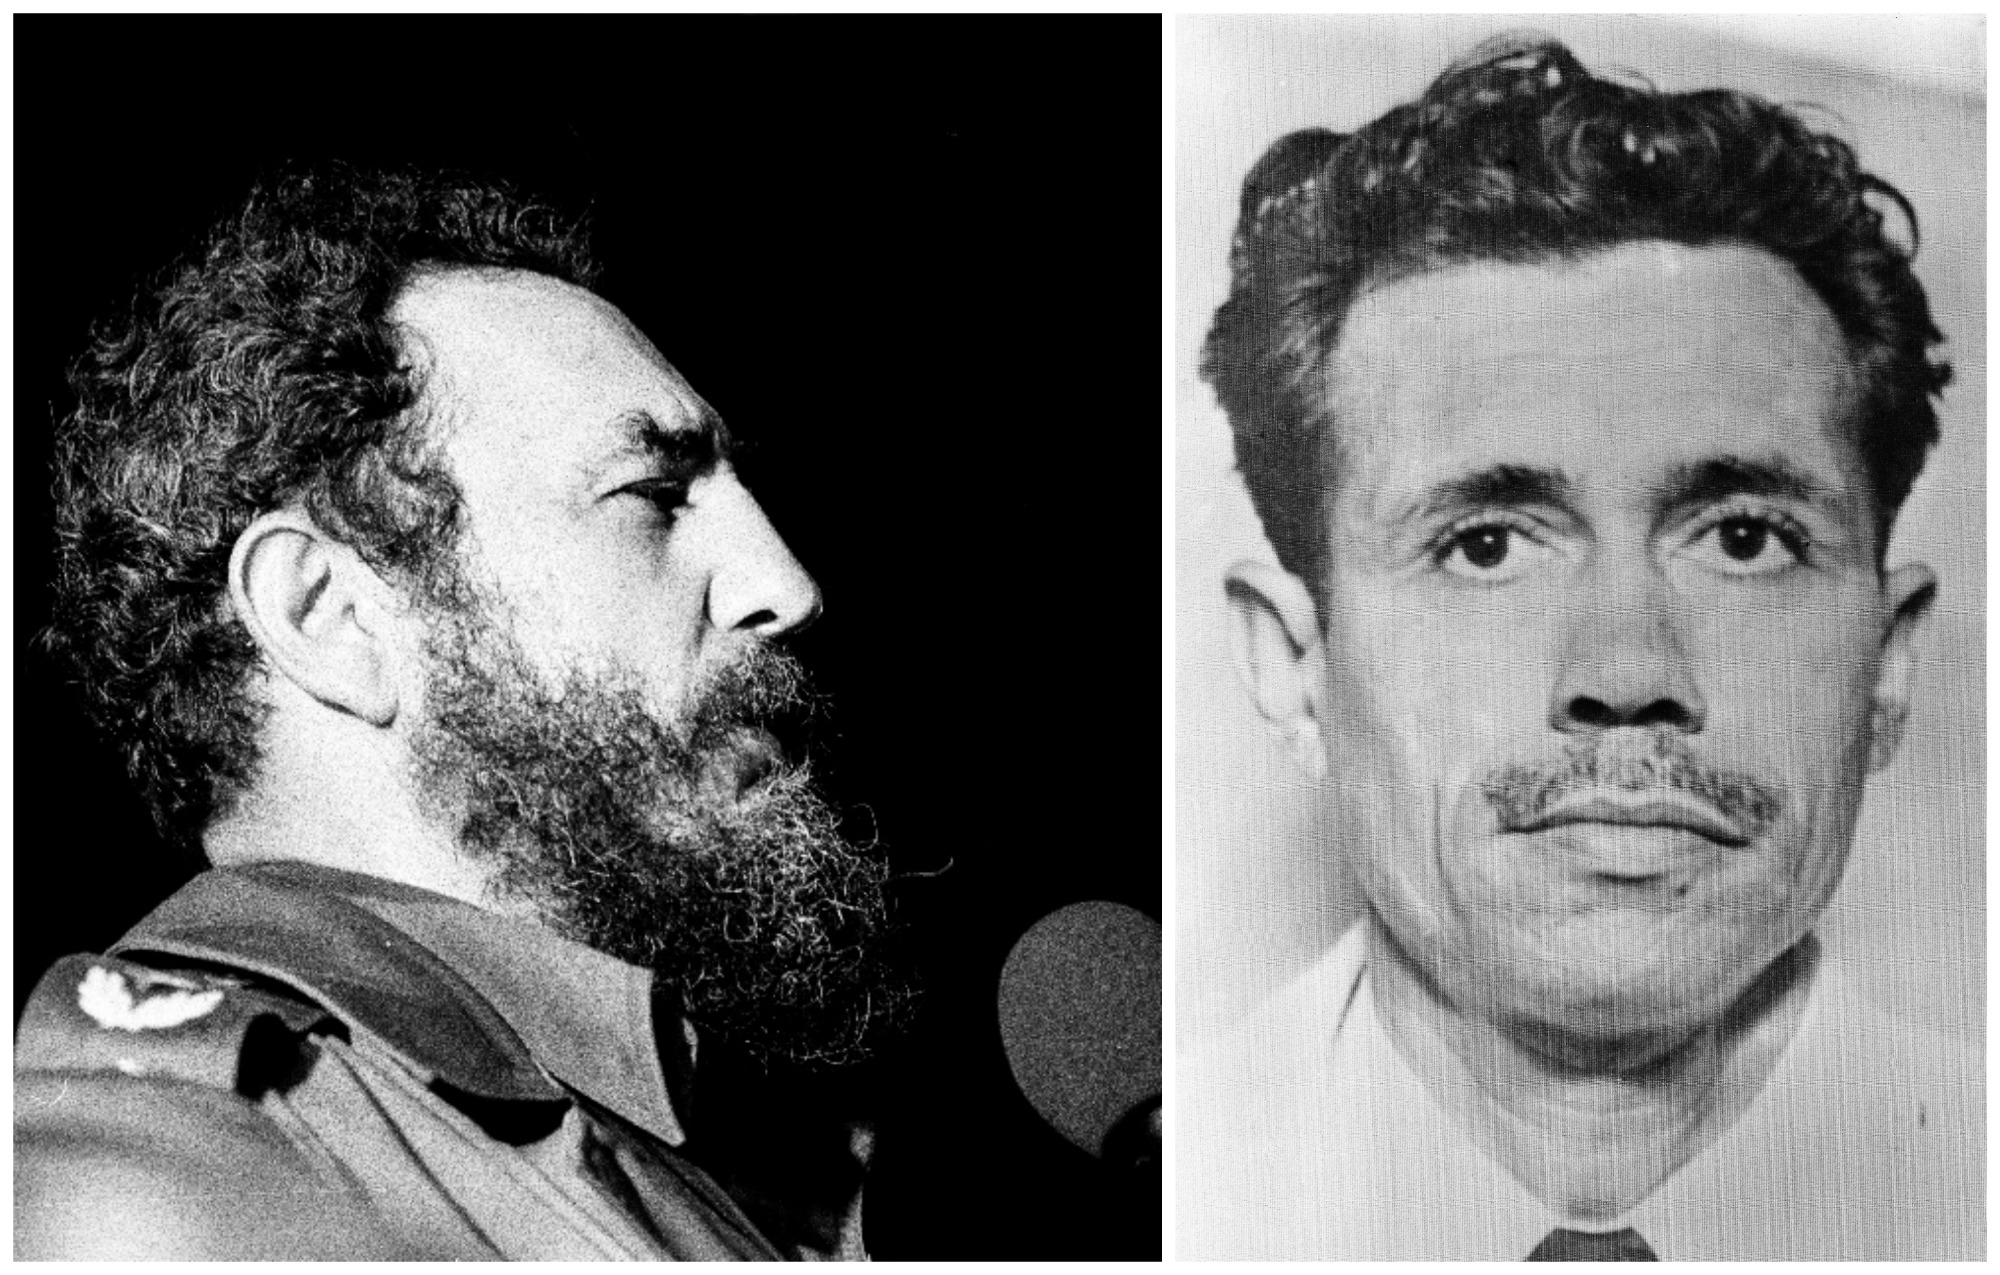 W 1961 r. Antulio Ramirez Ortiz (z prawej) wyposażony w nóż do steków udał się do kokpitu. Przystawiając ostrze do gardła pilota, zażądał, by niezwłocznie przetransportowano go na Kubę, w której od pewnego czasu rządził już Fidel Castro (z lewej) (fot. Marcelo Montecino / Wikimedia.org / CC BY-SA 2.0 / Eastnews)